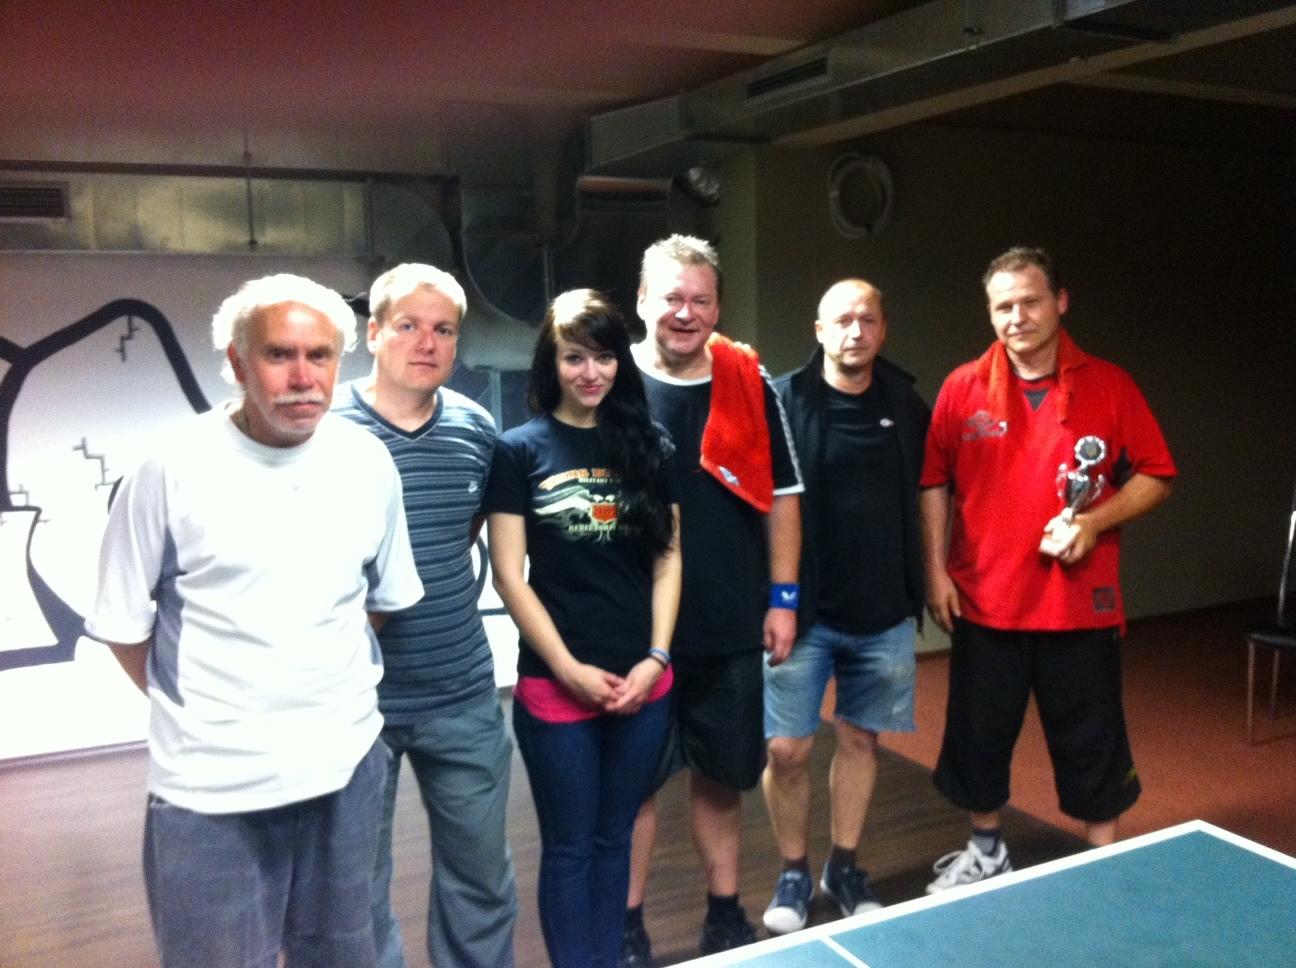 Zleva Řáha,Mandlík, Courtonová, Courton, Tschunko Josef a Zdeněk billiard - kulečník - ping pong Praha 10